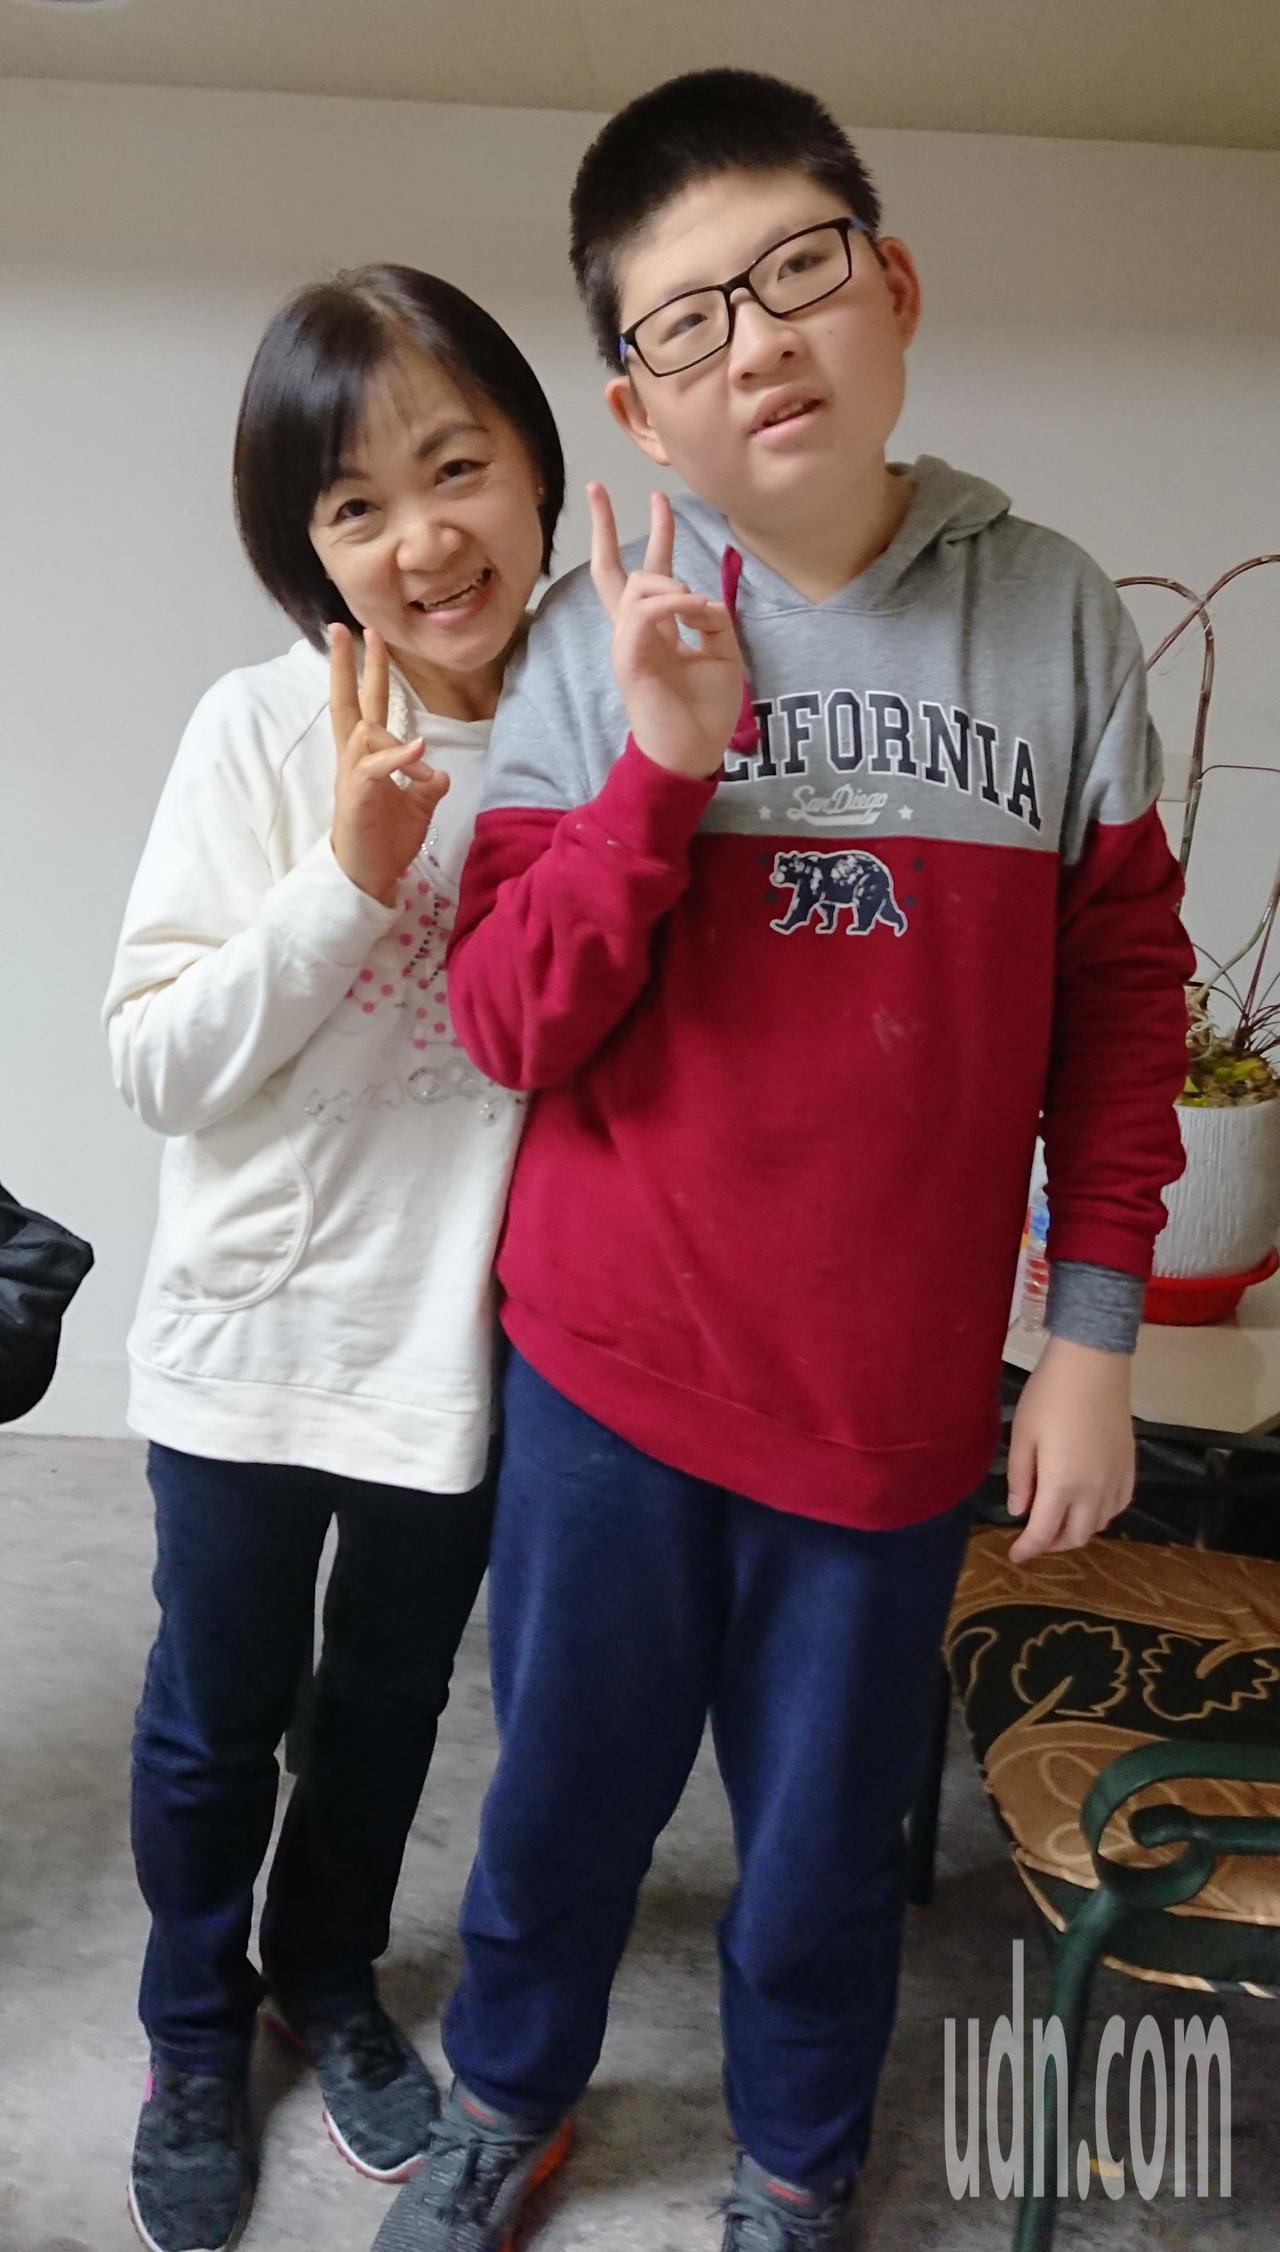 去年獲總統教育獎的小胖威利病友蘇亦禾(右)27日和媽媽一同出席協會活動,蘇媽媽鼓...